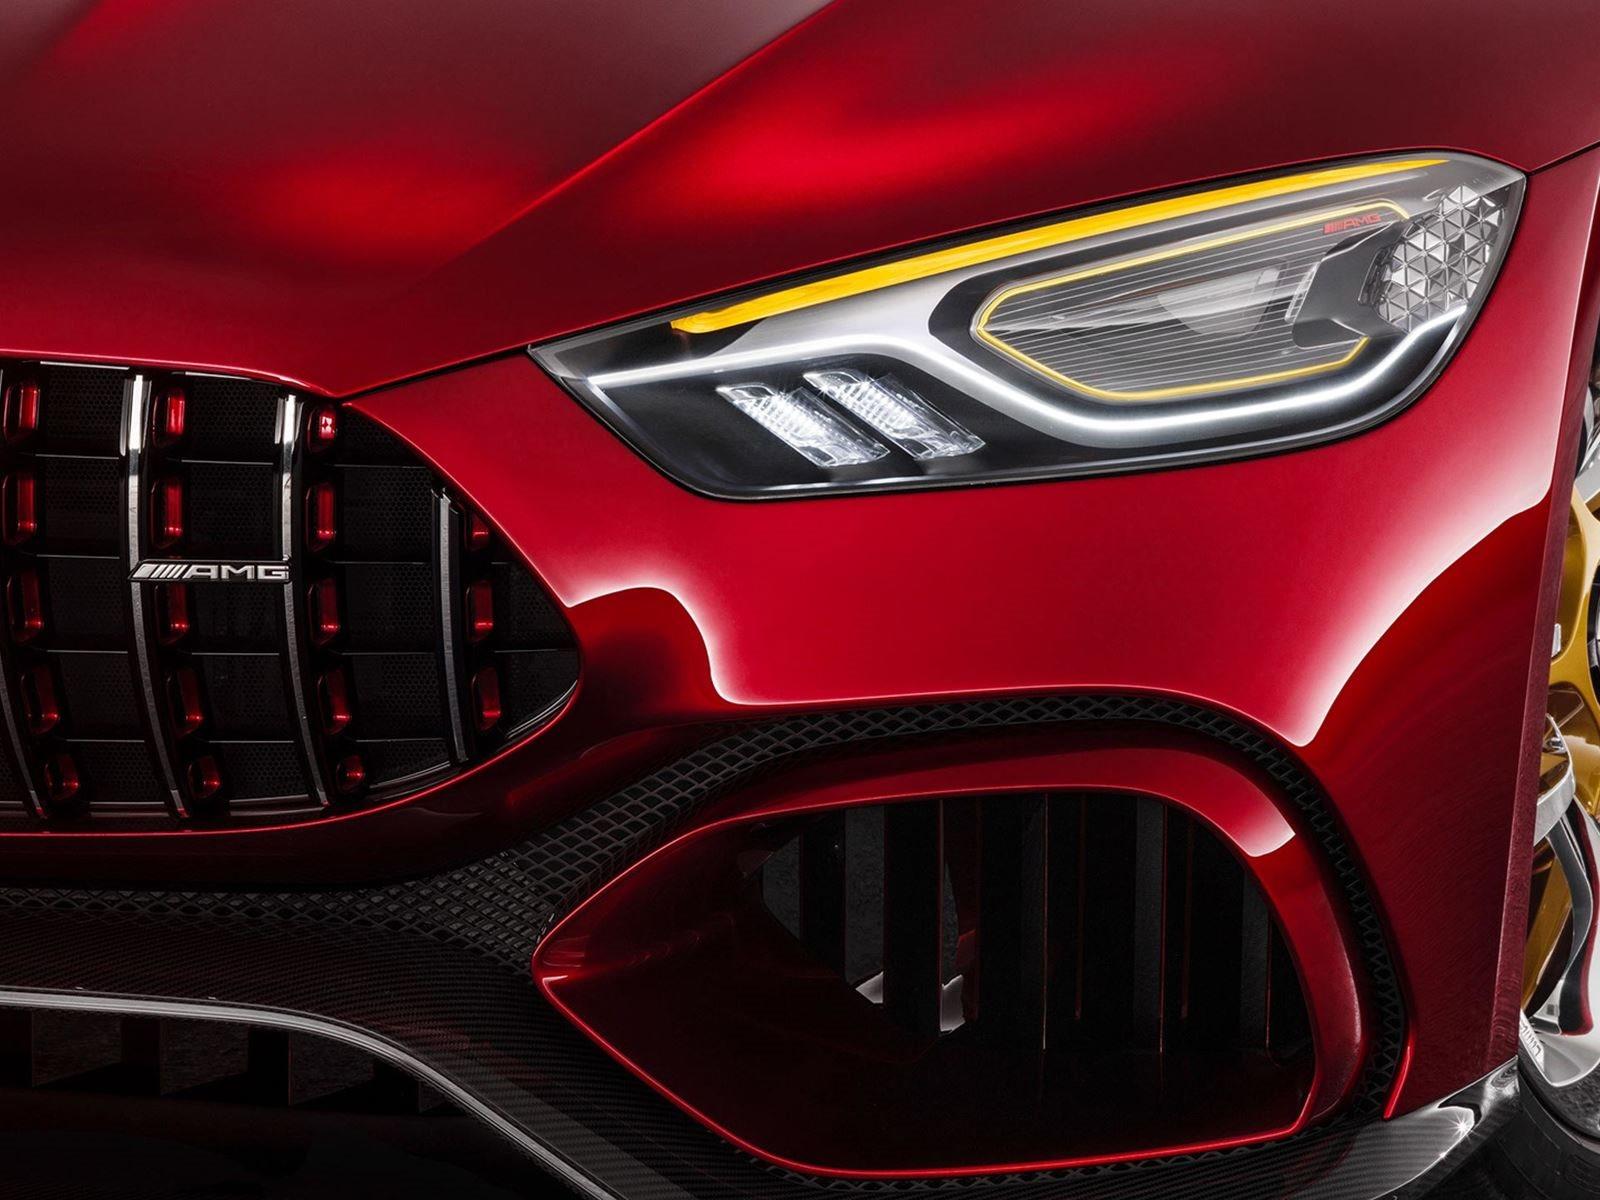 Вспомните Женевский автосалон 2017  и дебют Mercedes-AMG GT Concept, который был превью AMG GT 4-Door Coupe. Потрясающий концепт-кар супер-седана мощностью 805 л.с. был оснащен 4-литровым турбированным V8 с электродвигателем от AMG. К сожалению, этот